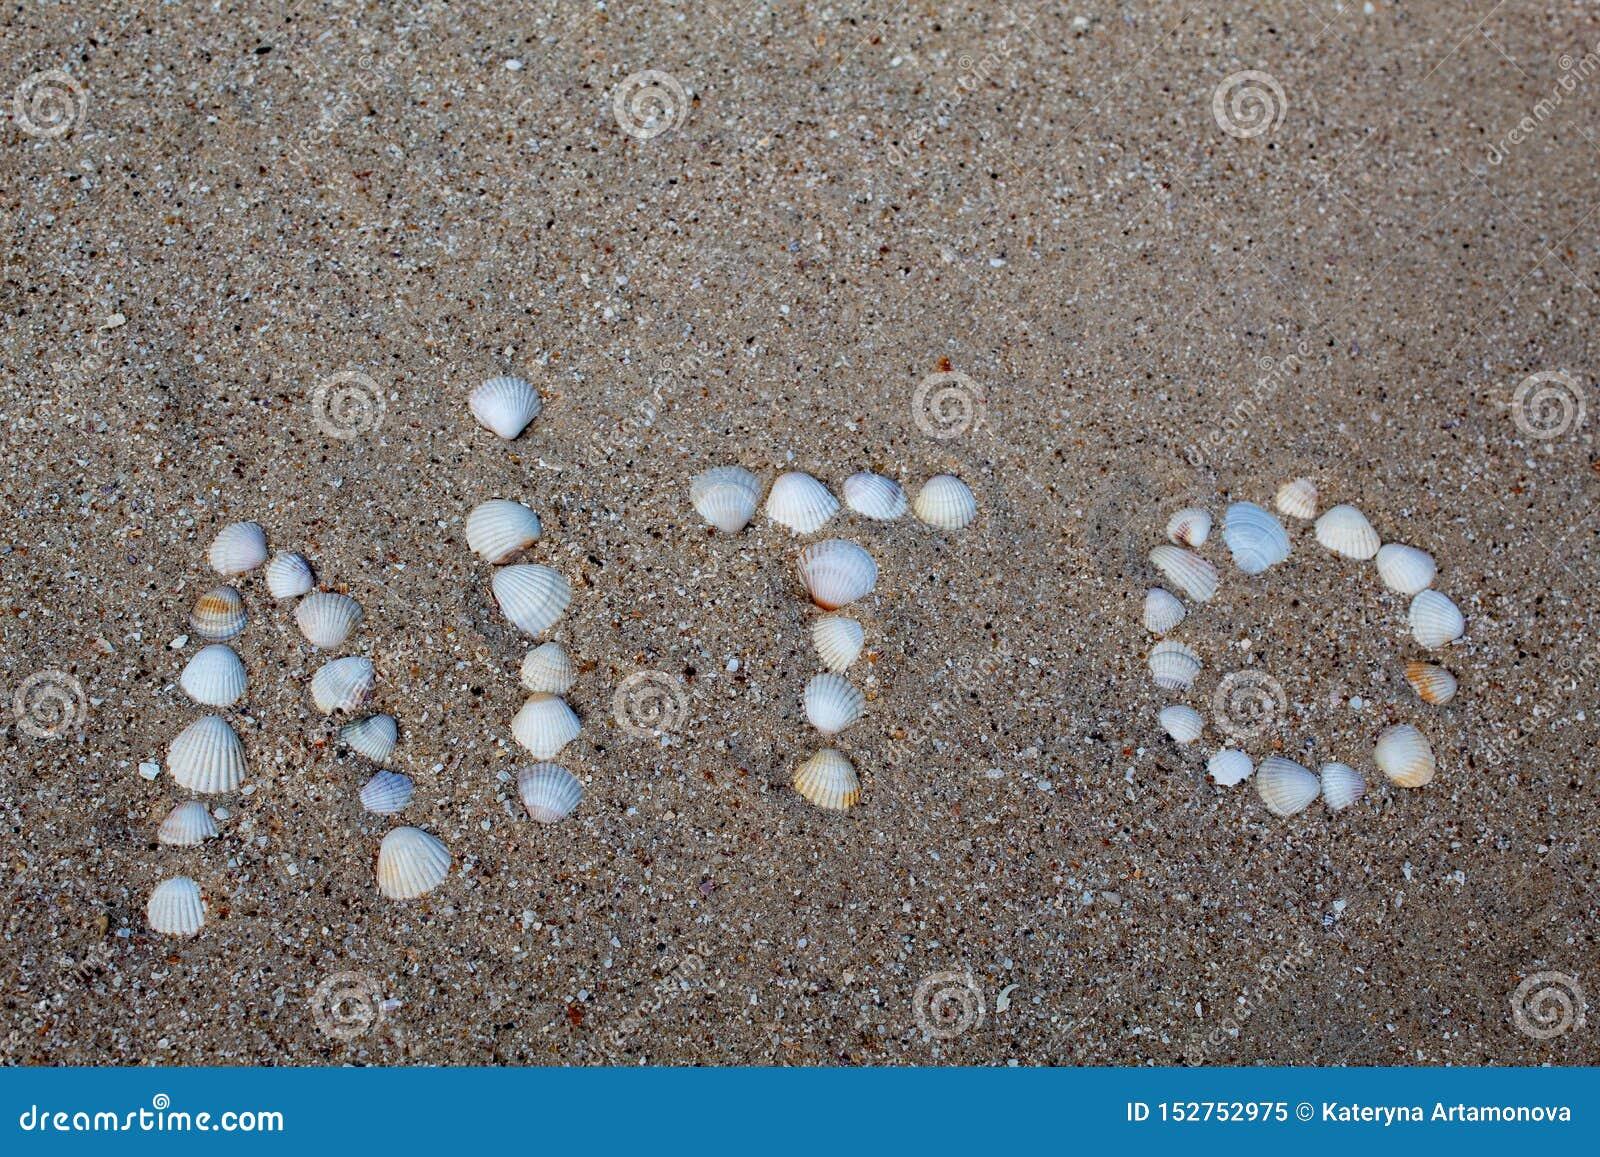 Το καλοκαίρι λέξης, που σχεδιάζεται στην άμμο με τα κοχύλια, στην ουκρανική γλώσσα